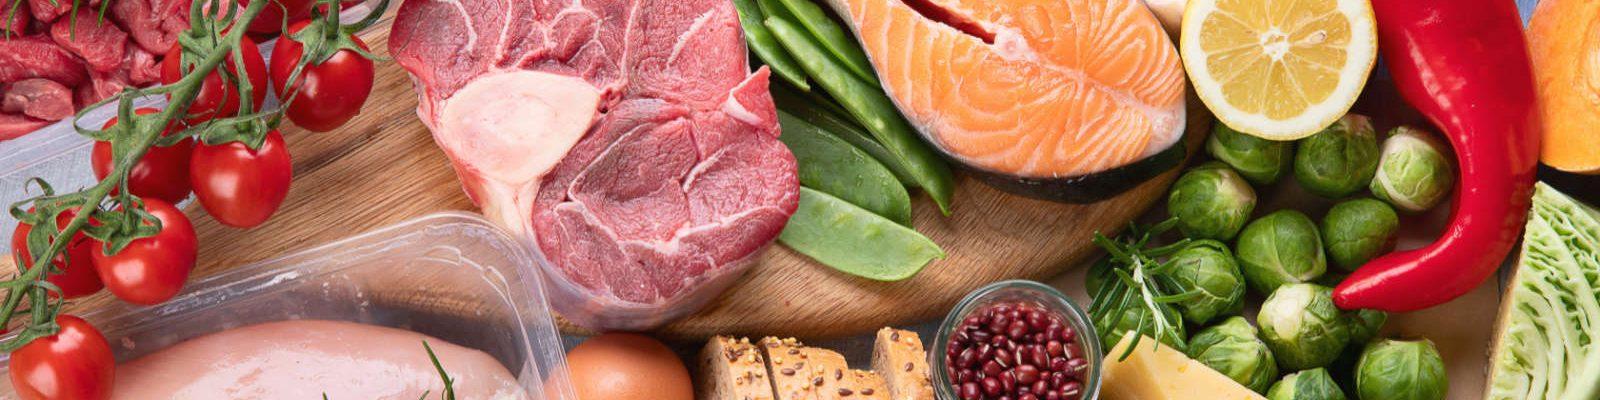 bodegon-alimentos-saludables-banner